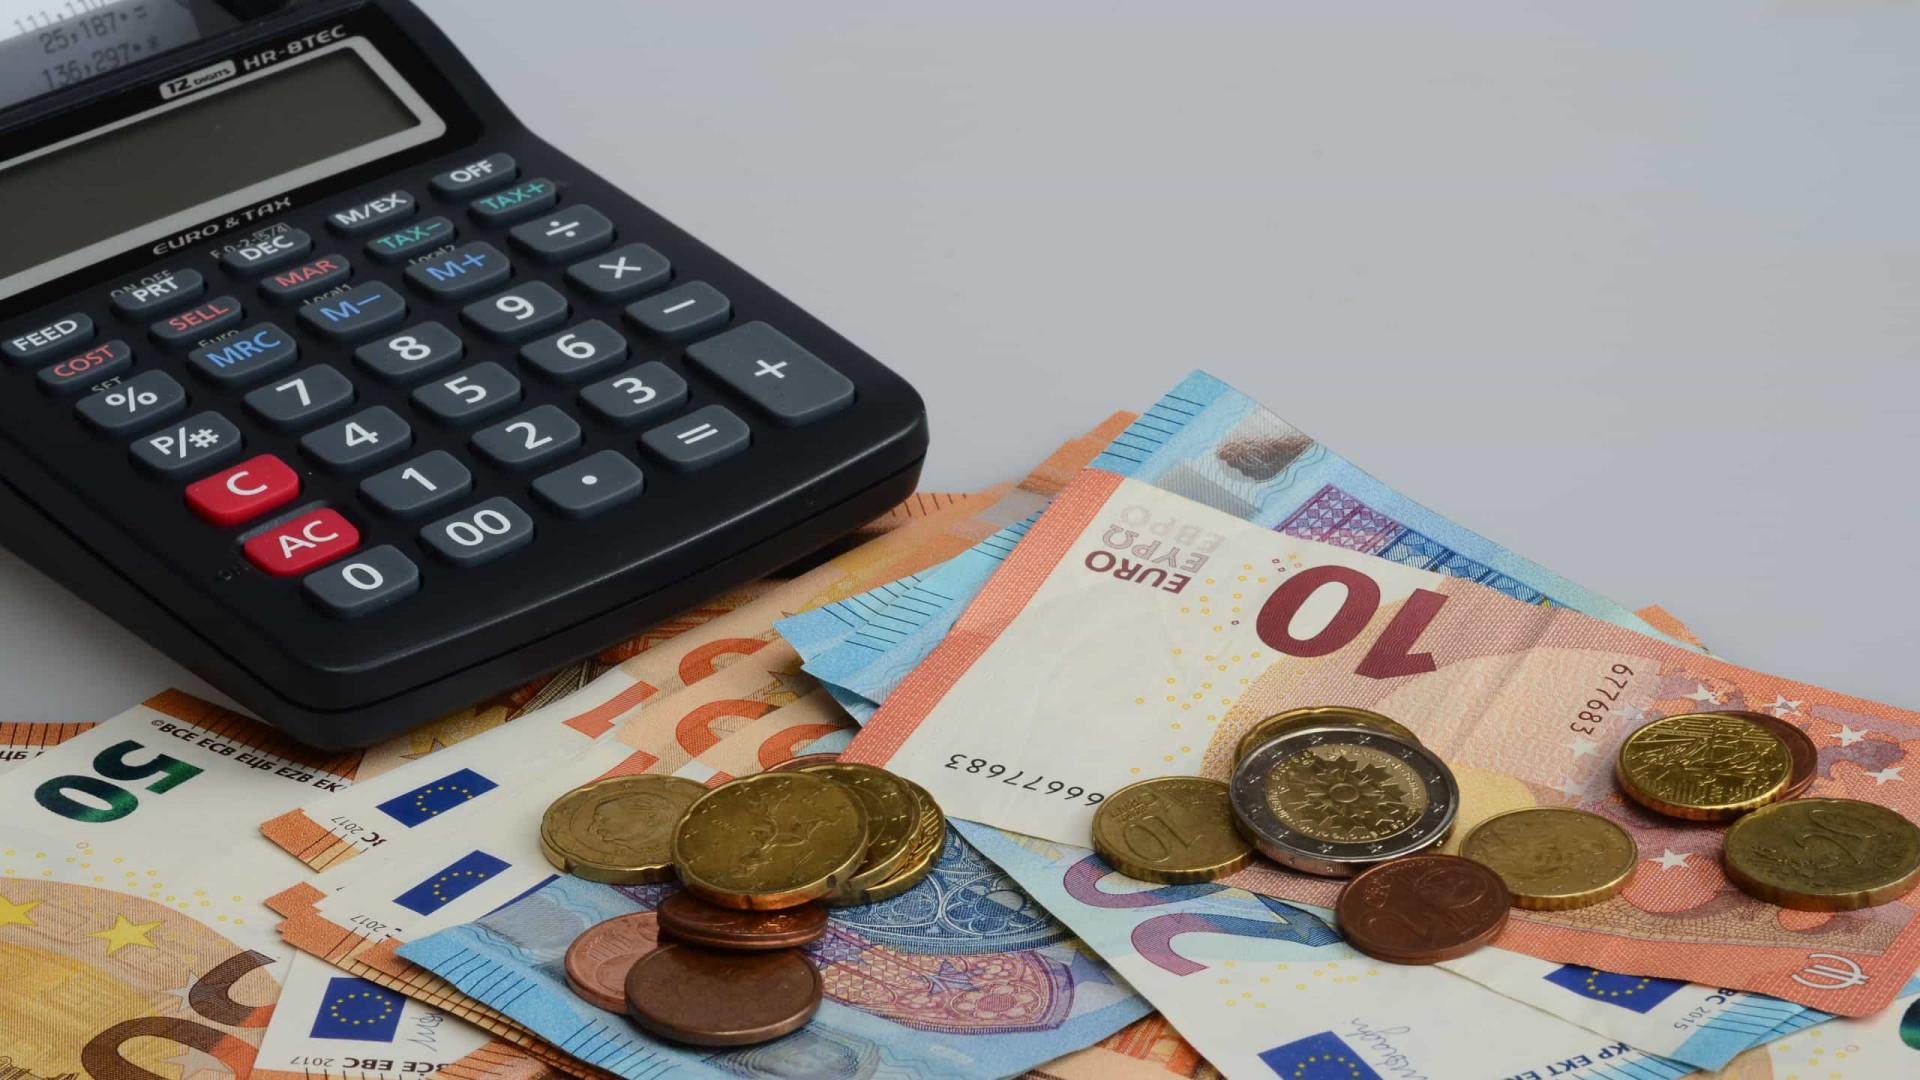 Pedidos de falência saltam 12,7% em 2020, aponta pesquisa da Boa Vista